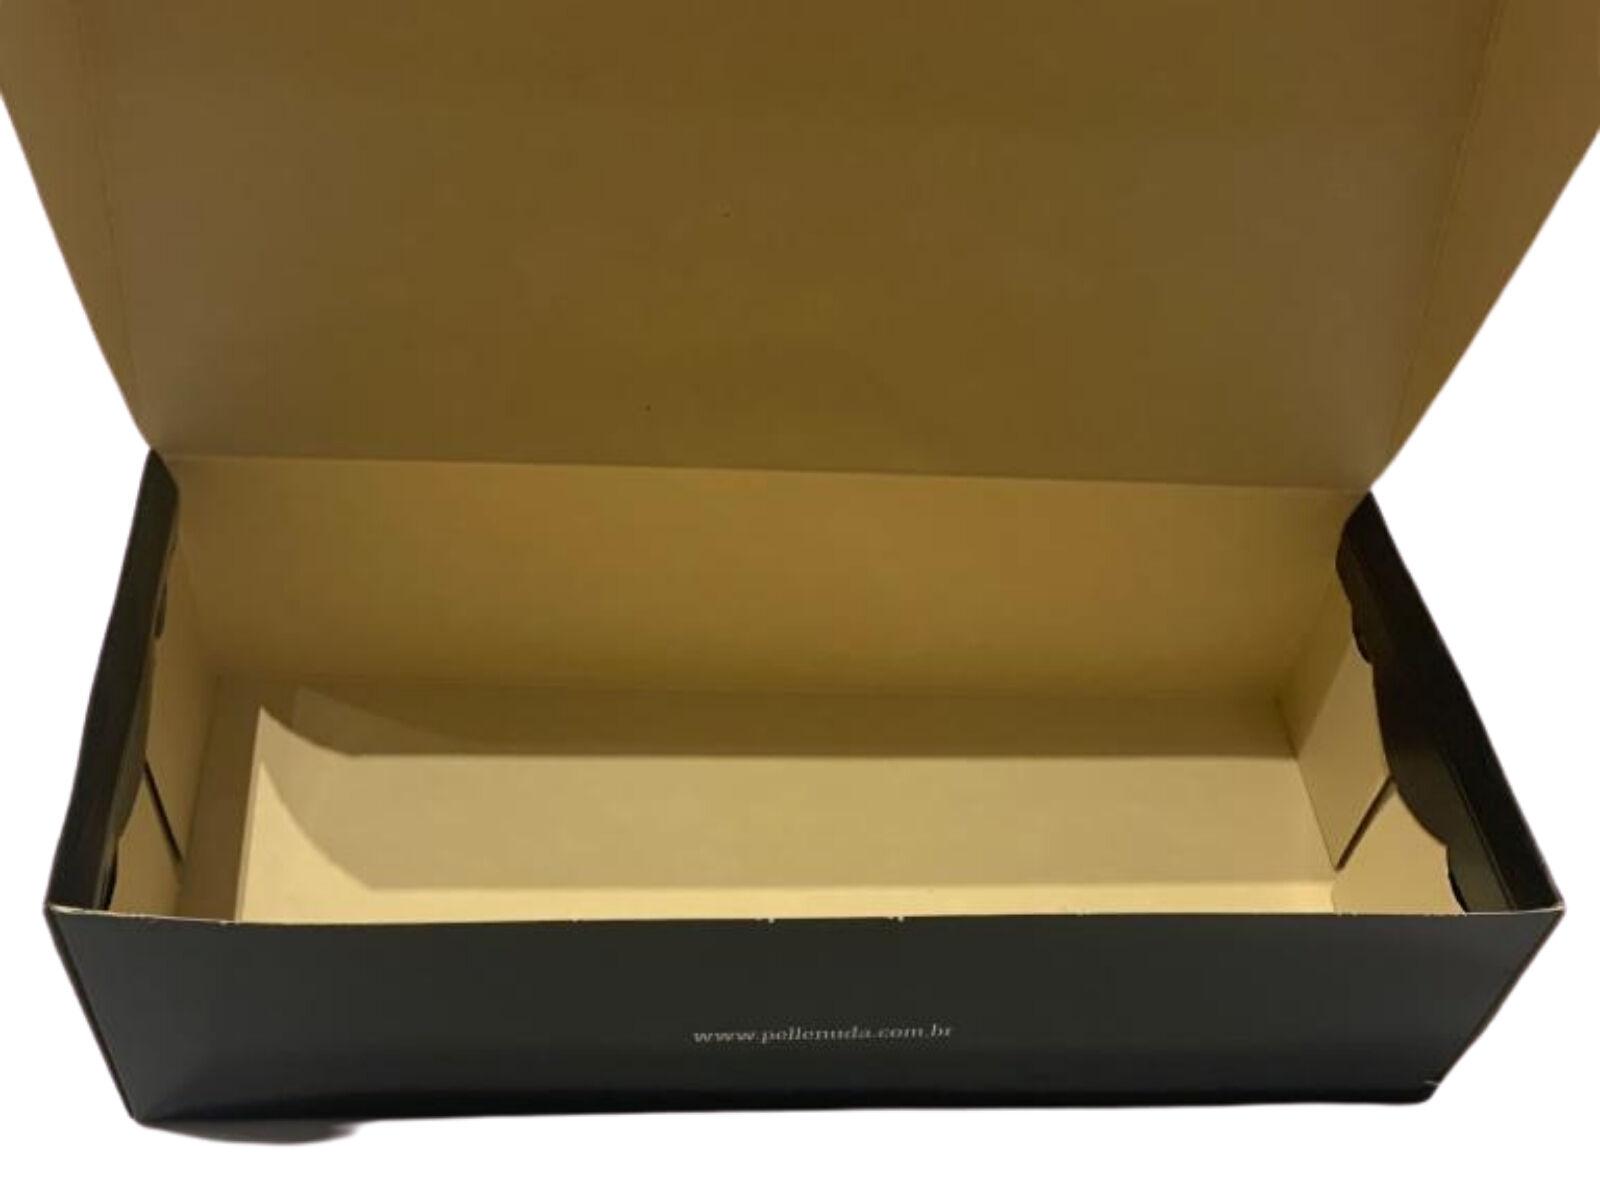 Embalagem de Presente - Sutiã - Conjunto - Camisola